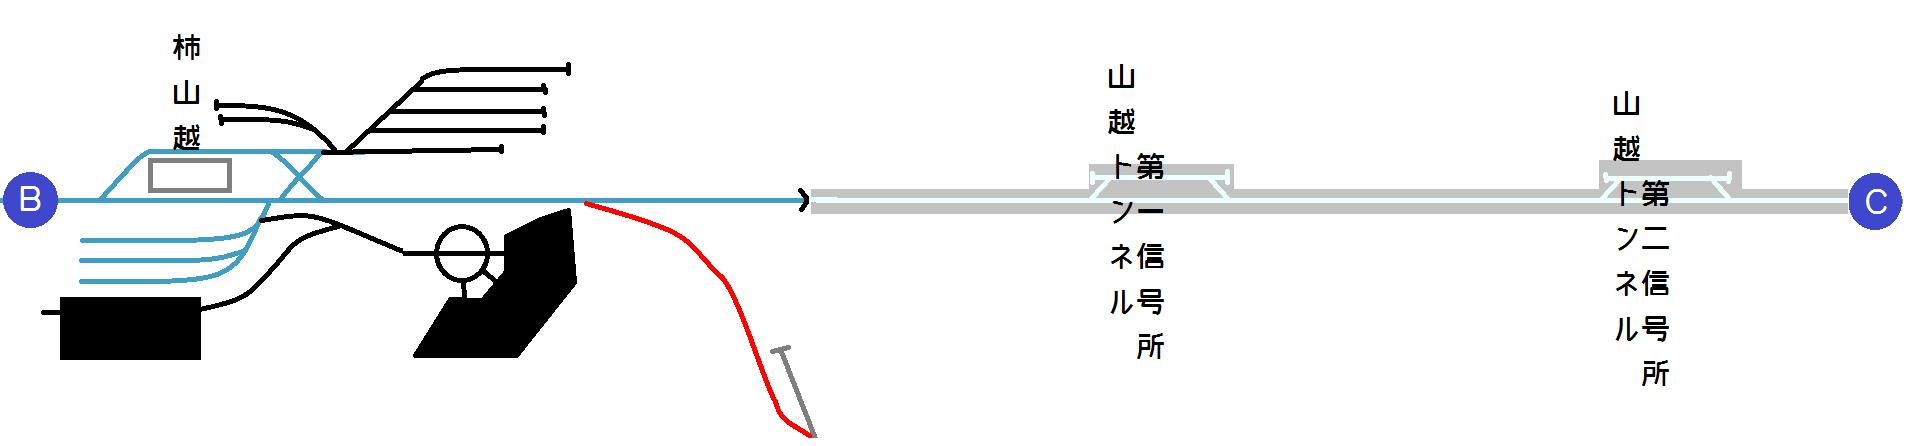 3川潮線配線図